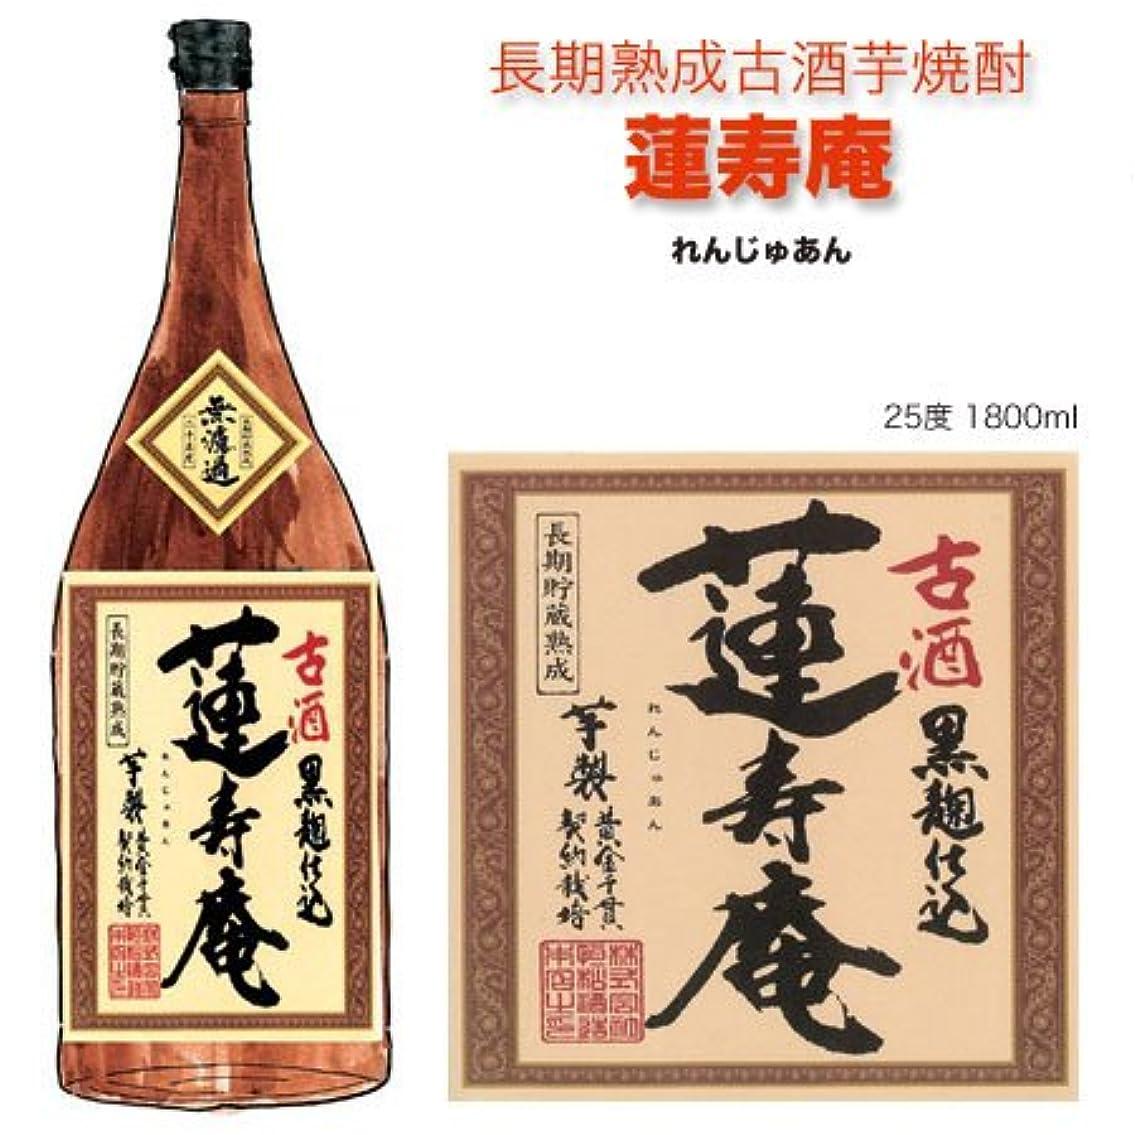 今日ビルマ過度に【芋焼酎】 熊本県 恒松酒造 熊本限定 25度 蓮寿庵 1.8L